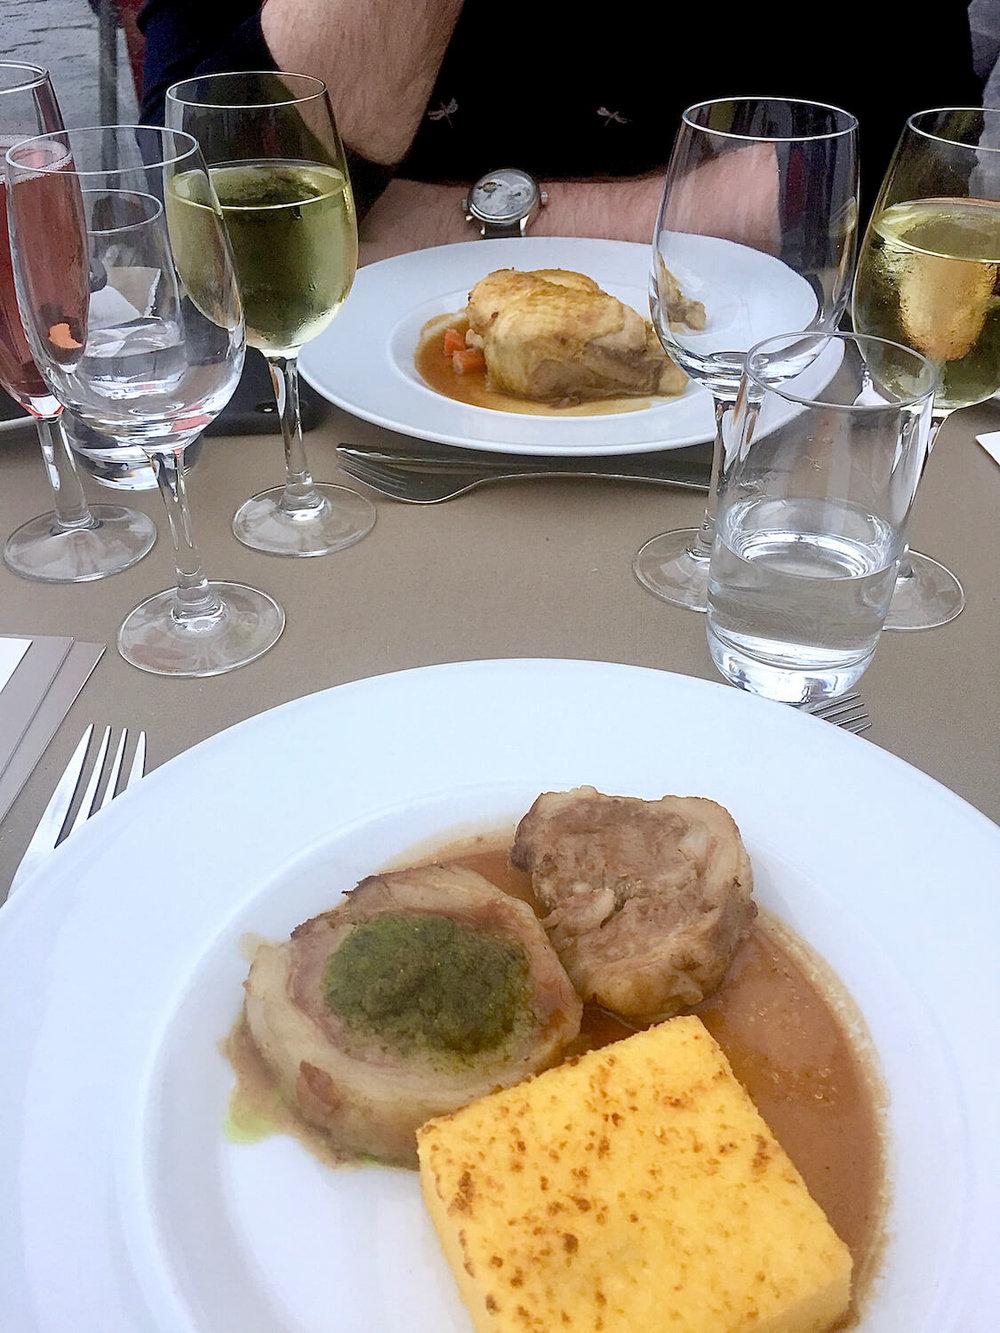 Bateaux Parisien - Food